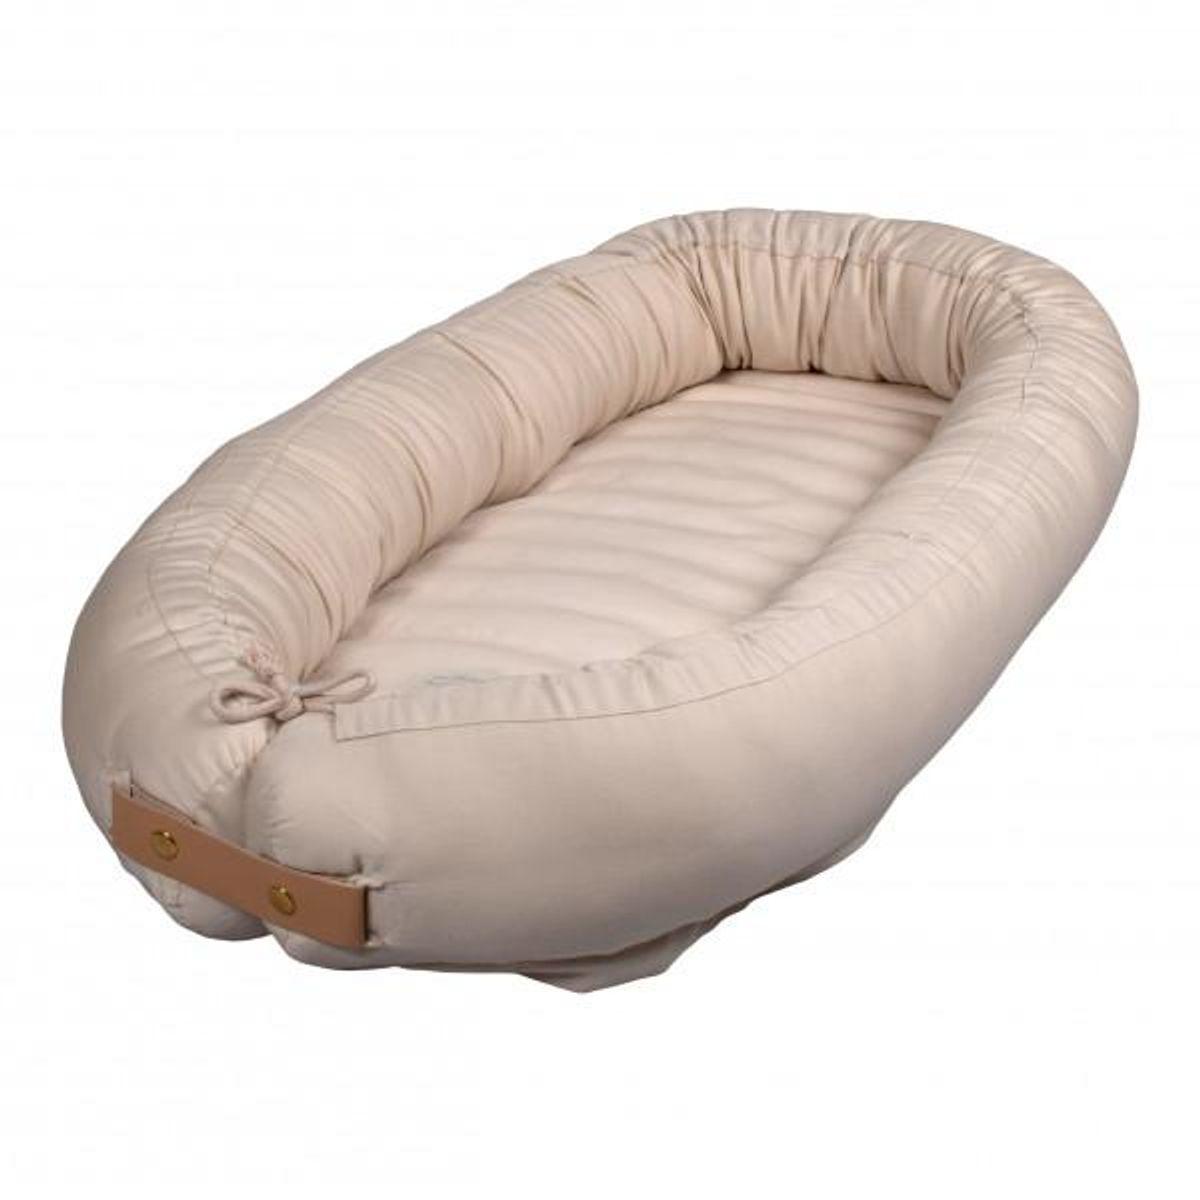 Filibabba - Premium kapok baby nest, Nature white (FI-K009)